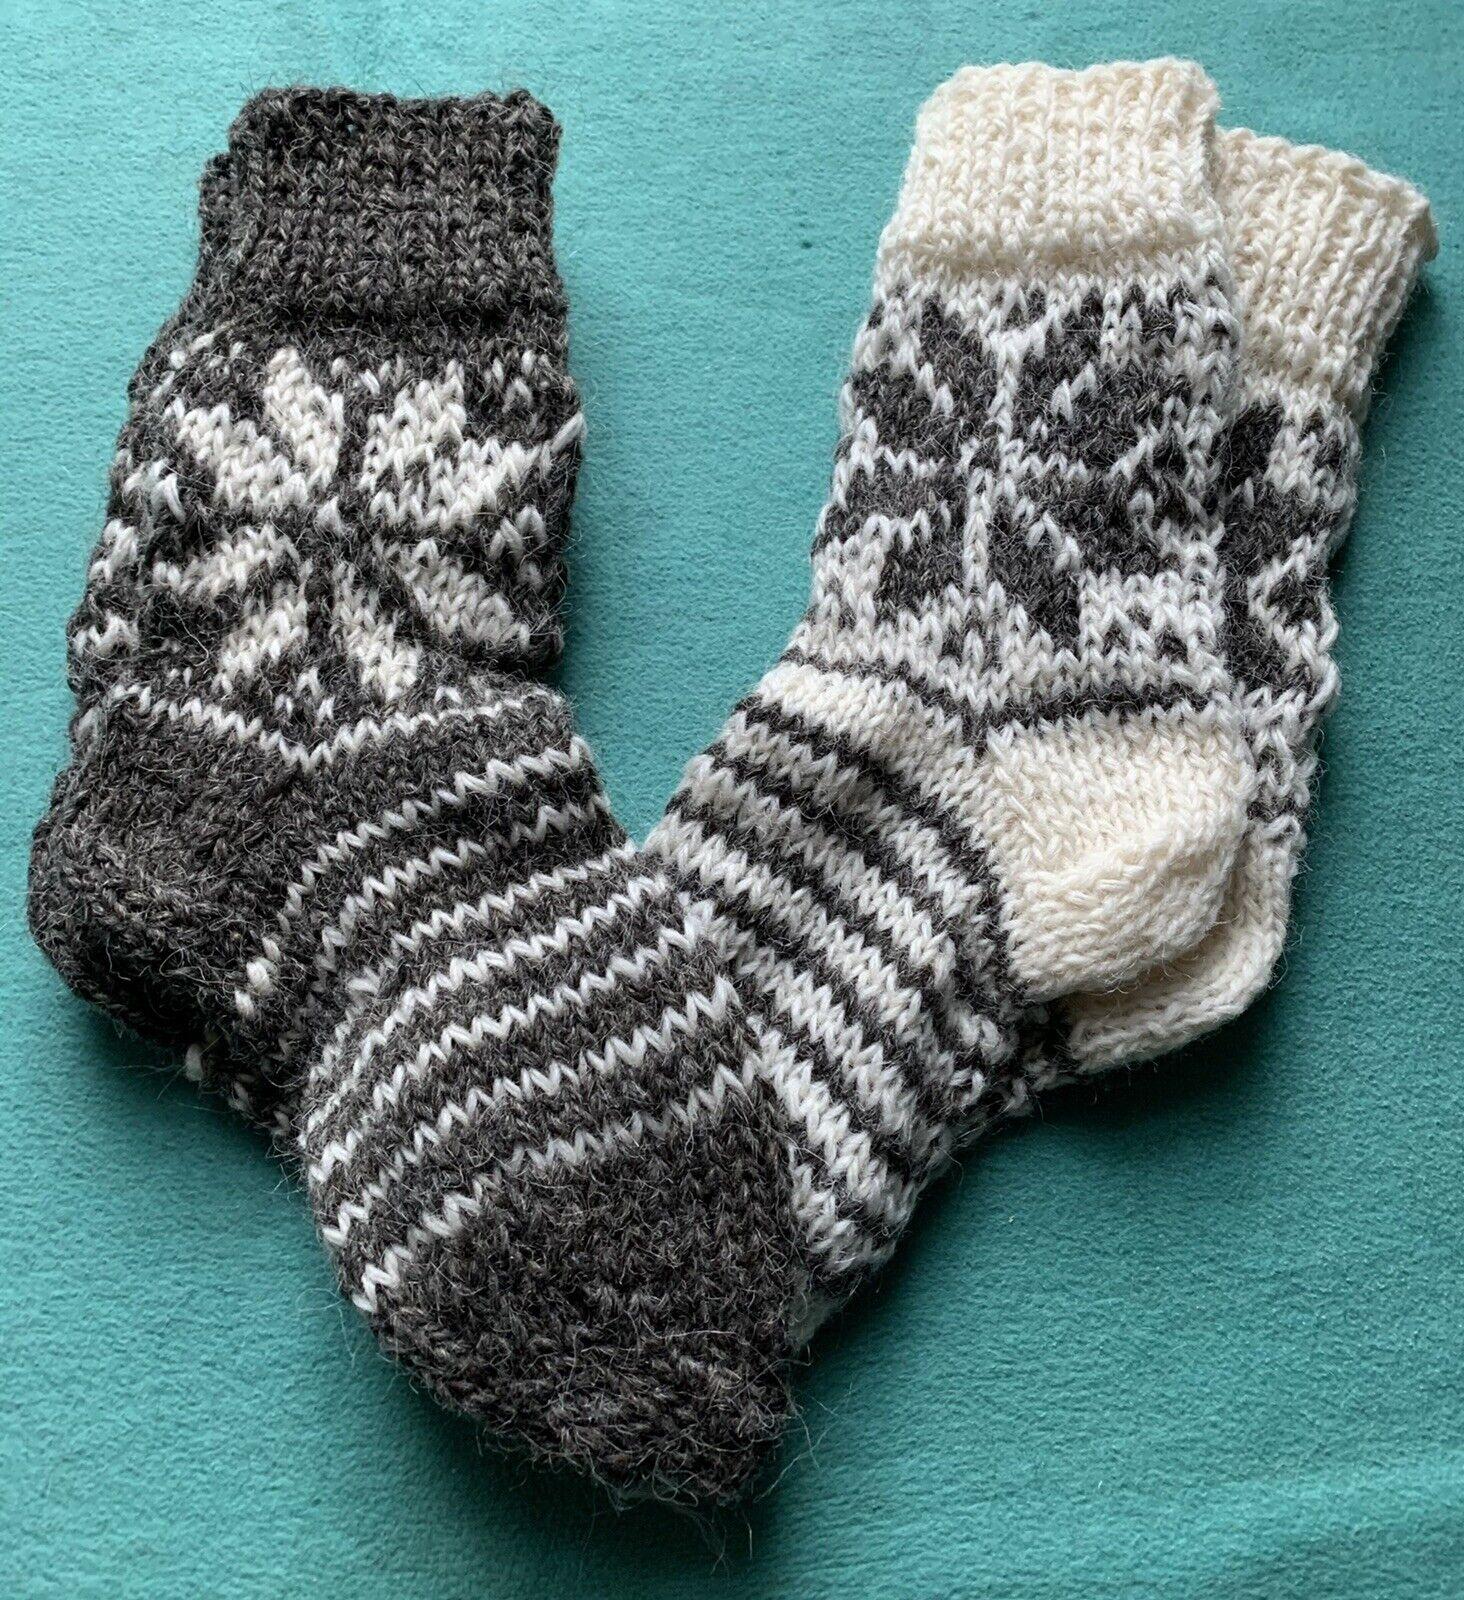 Schafwollsocken Schafwolle reine Wolle, Socken von Hand gestrickt Gr. 36 - 40